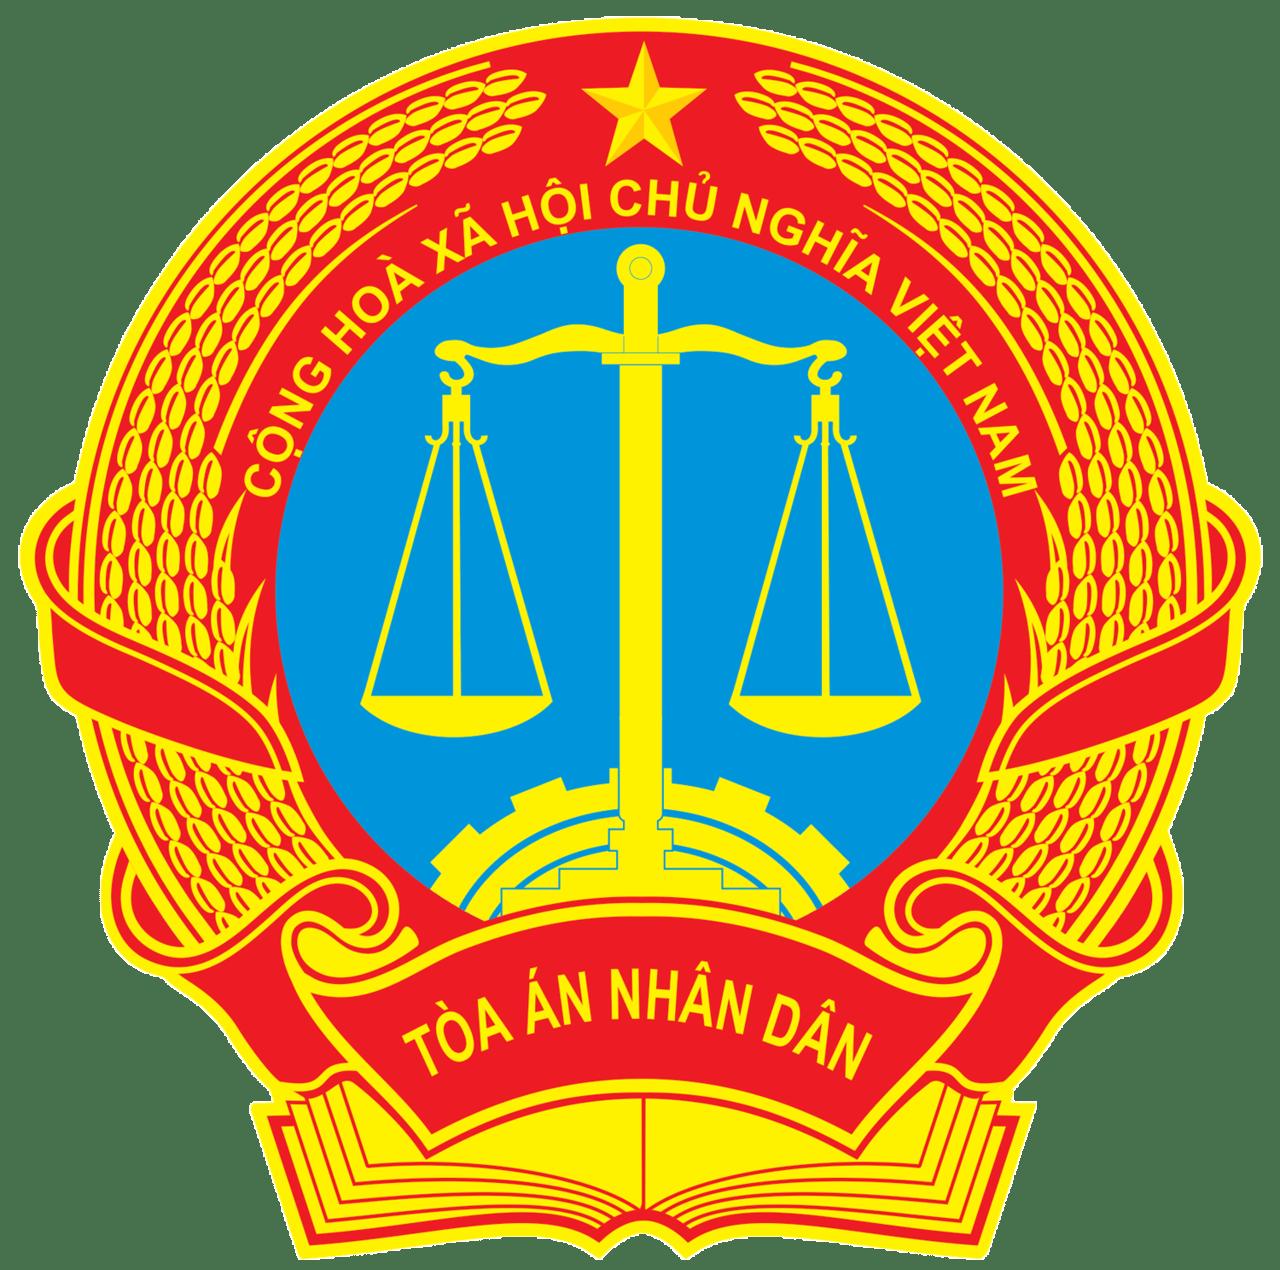 Thẩm quyền Tòa án nhân dân huyện Hạ Hòa